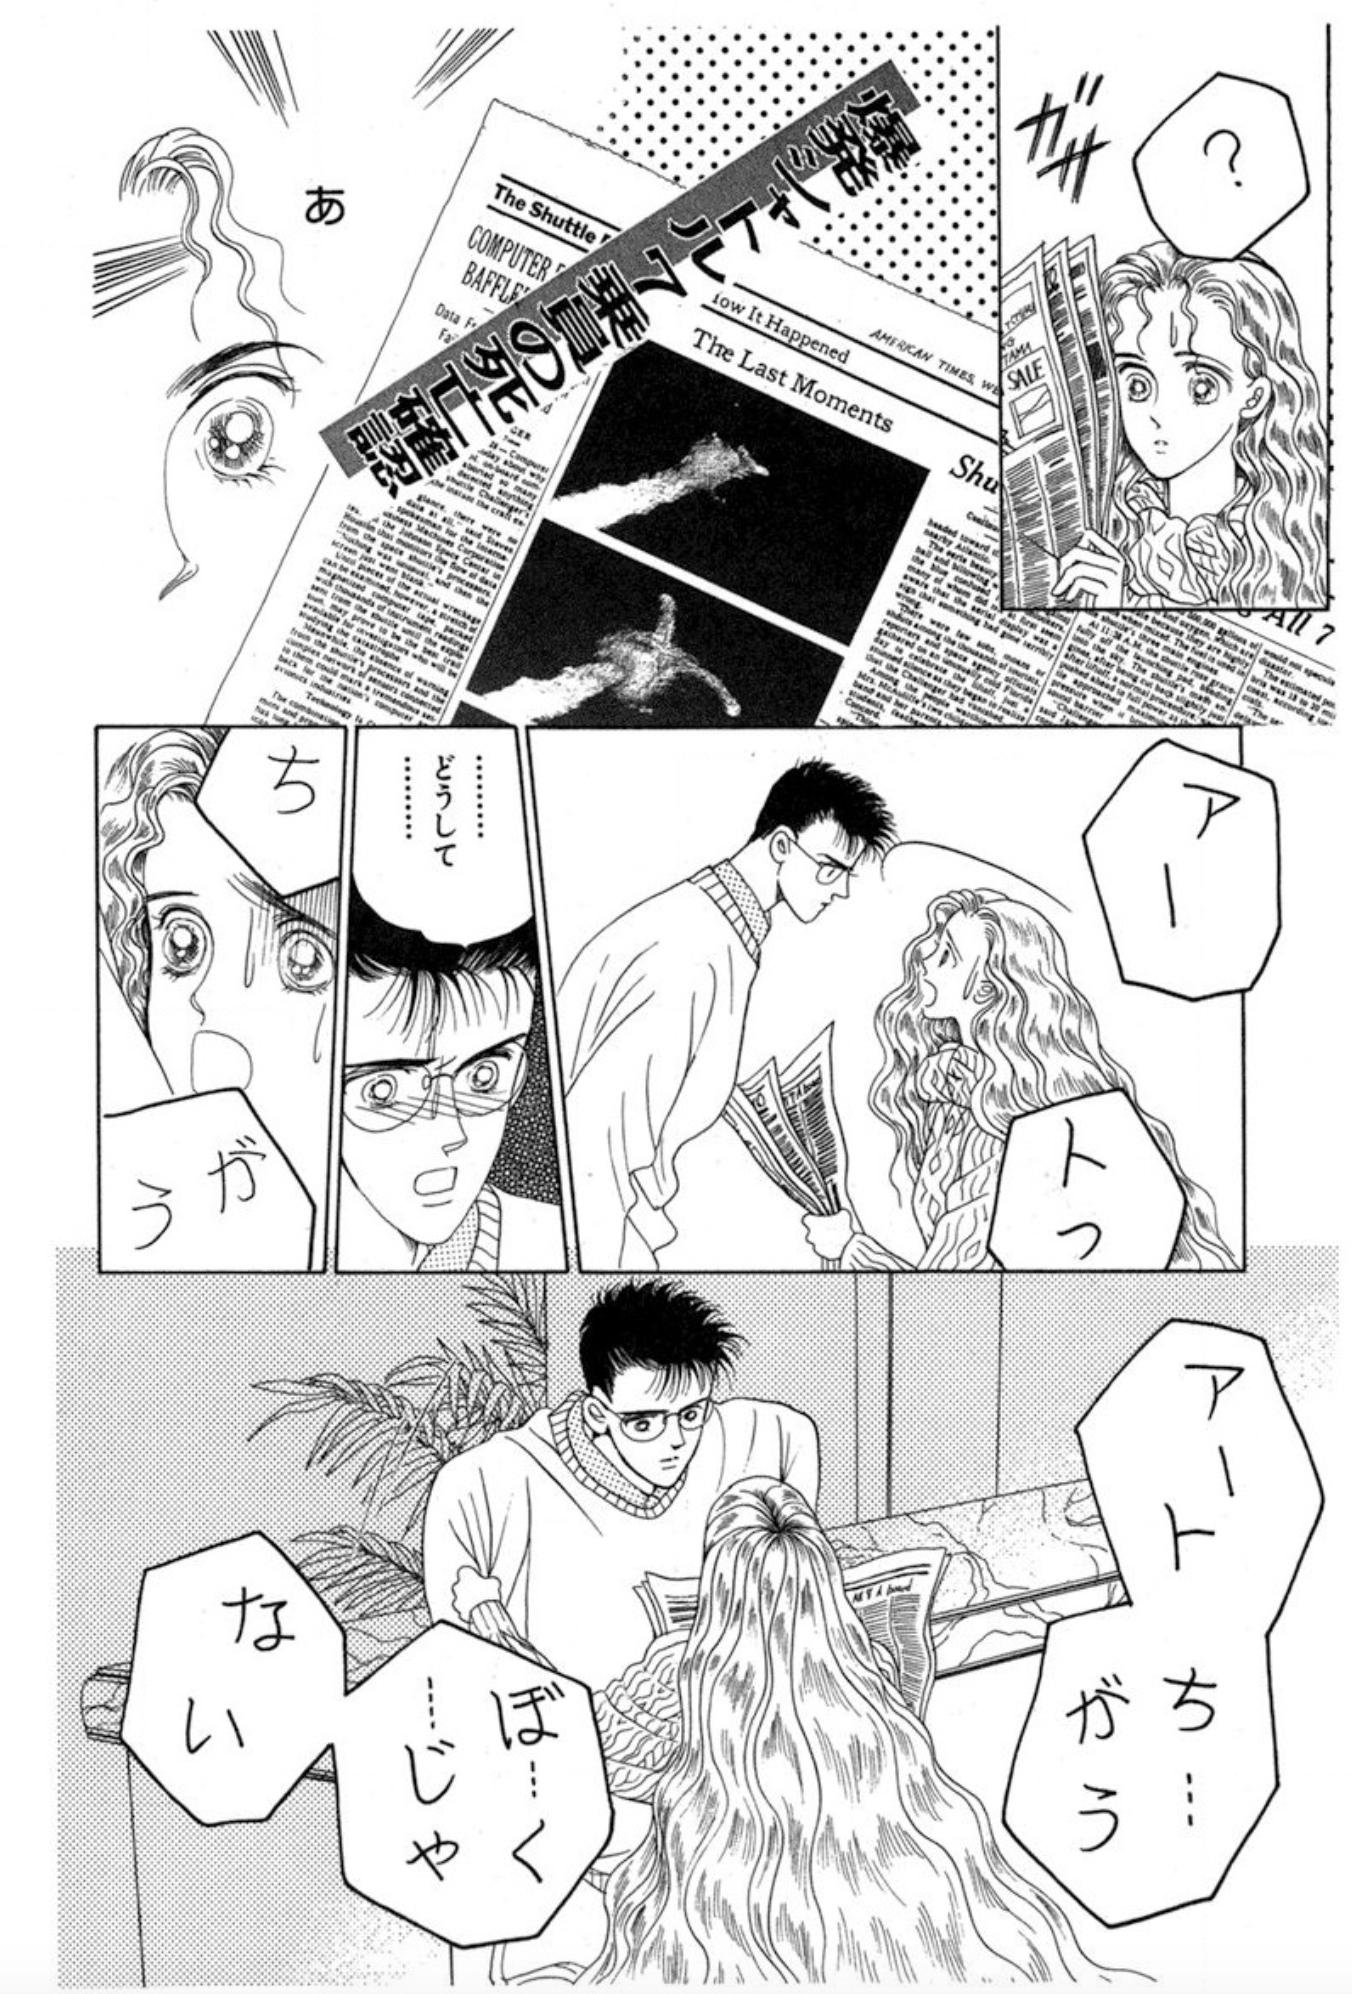 漫画『月の子 MOONCHILD』の見所をネタバレ考察!切なく悲しい愛憎劇